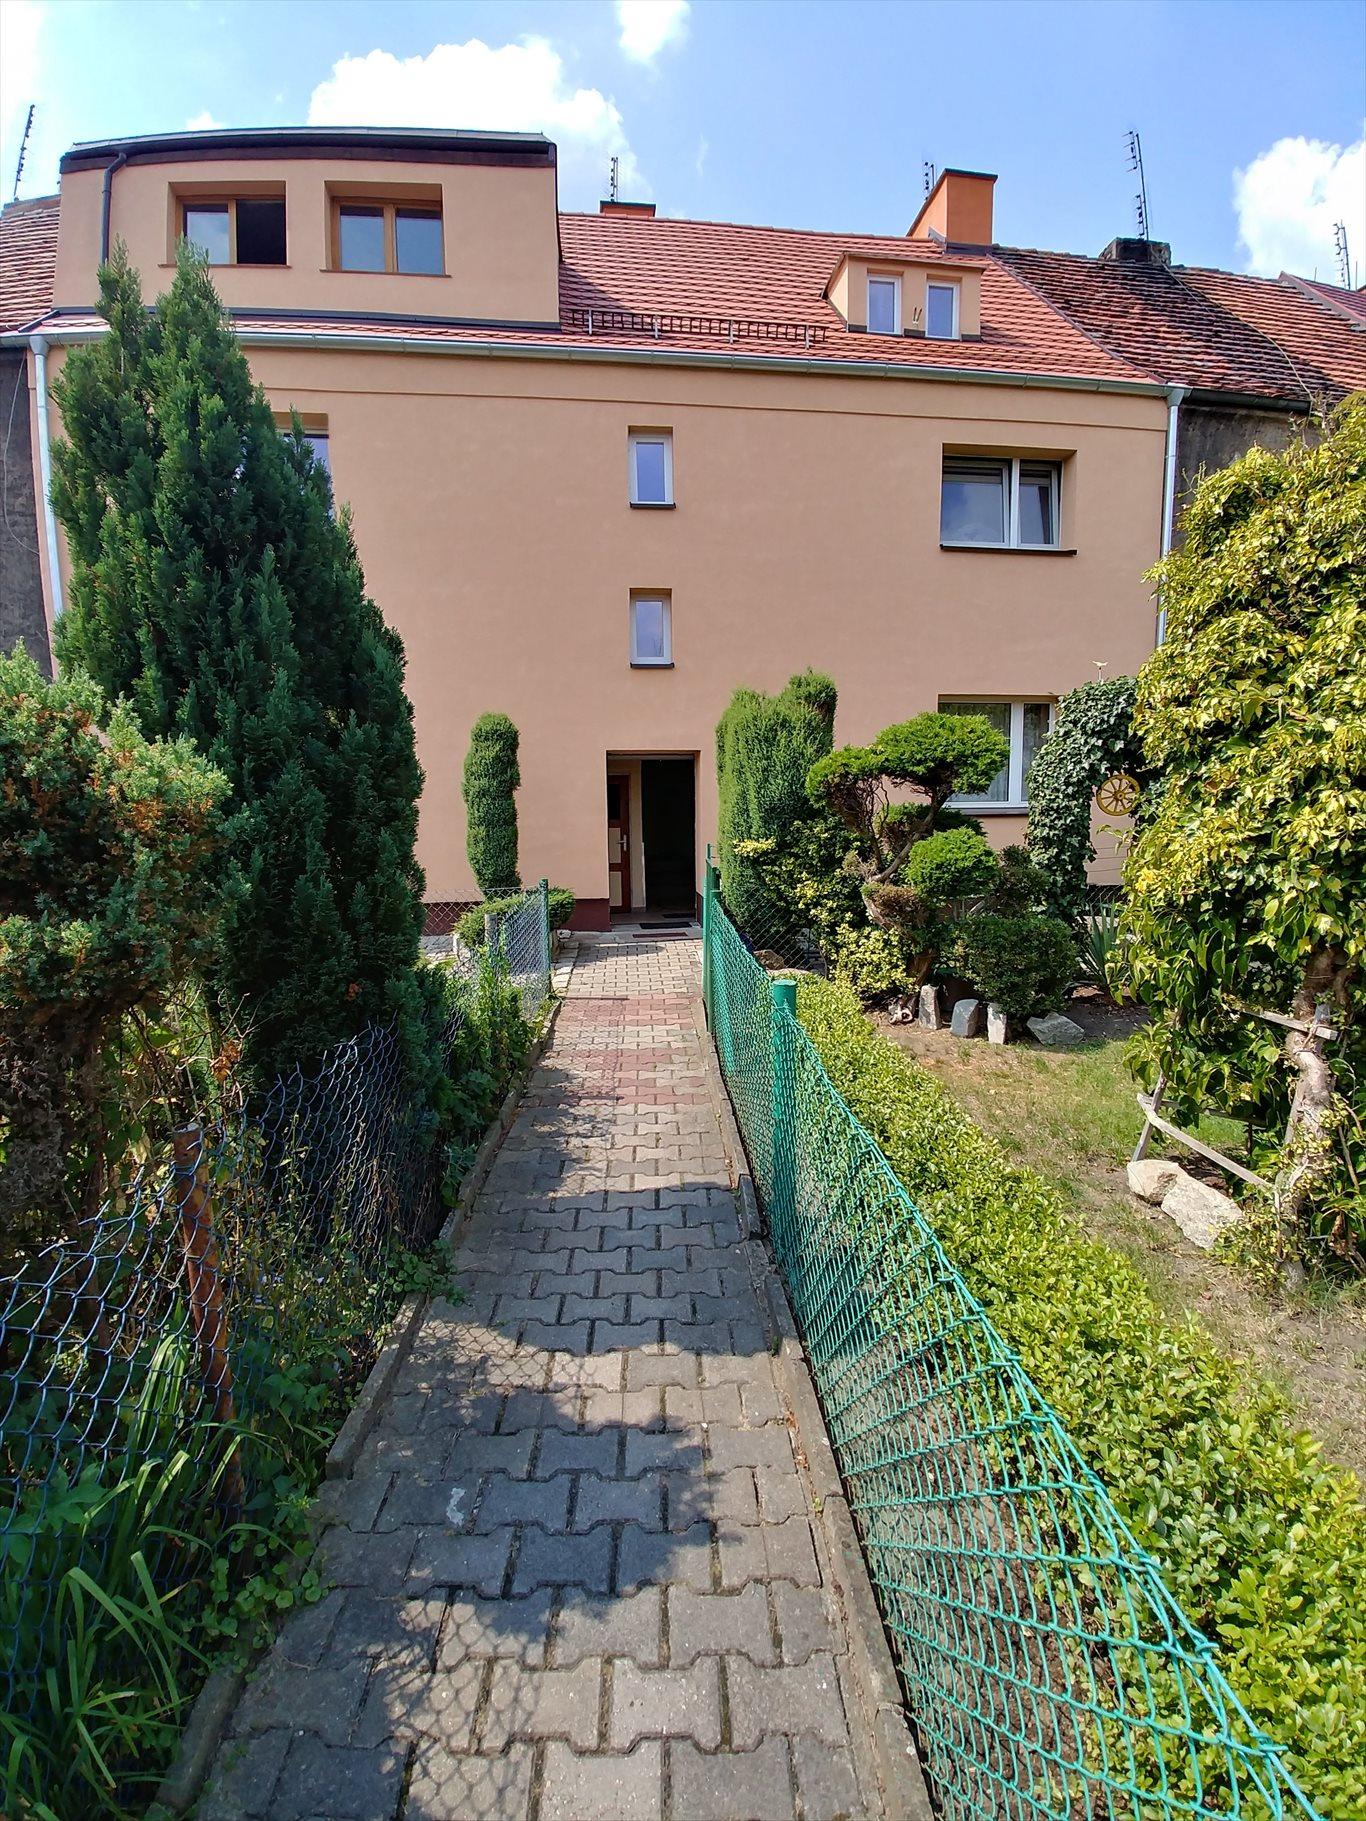 Mieszkanie czteropokojowe  na sprzedaż Wrocław, sępolno, Borelowskiego  74m2 Foto 1